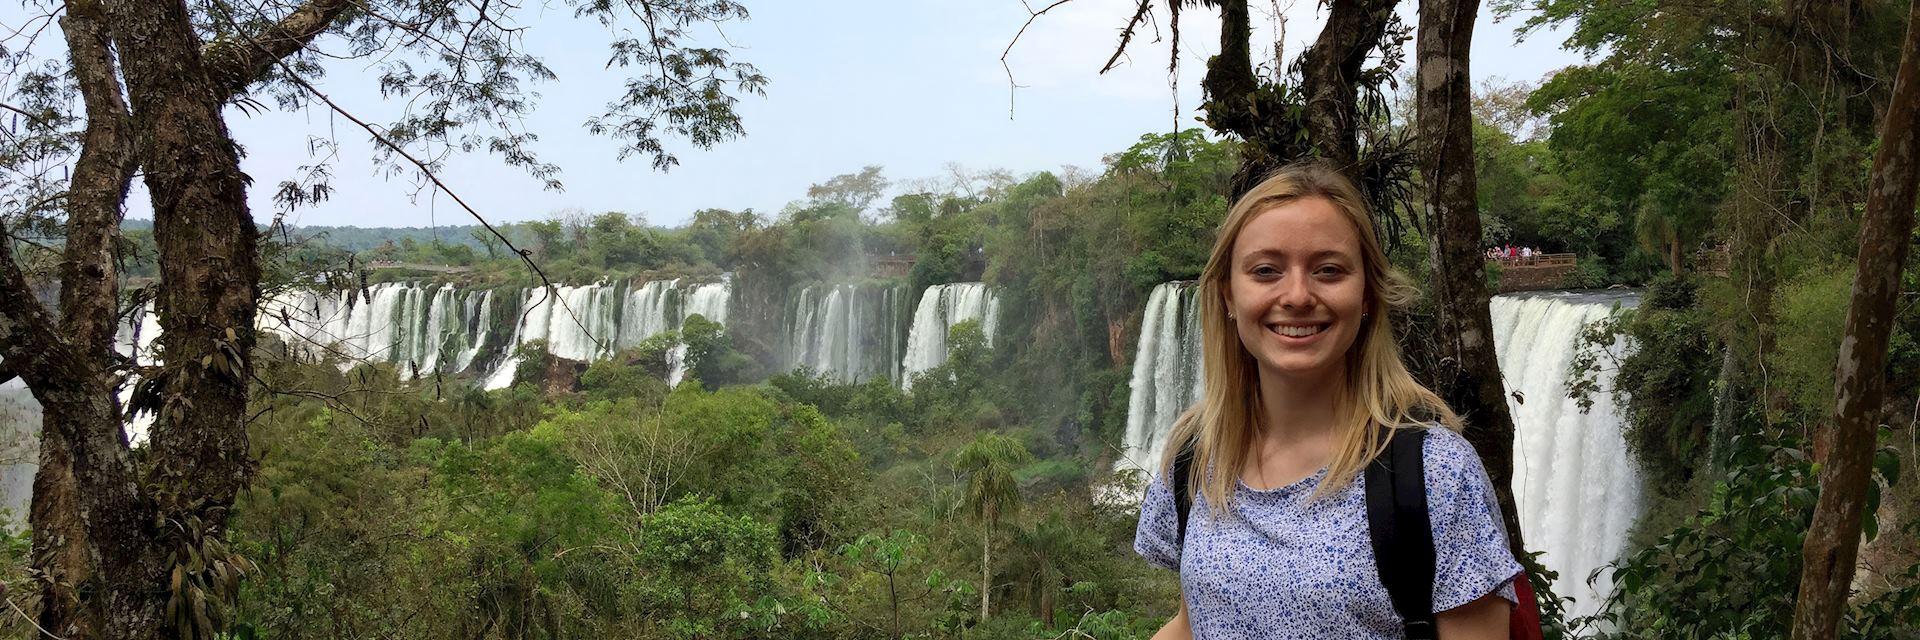 Chloe at Iguazú Falls, Argentina